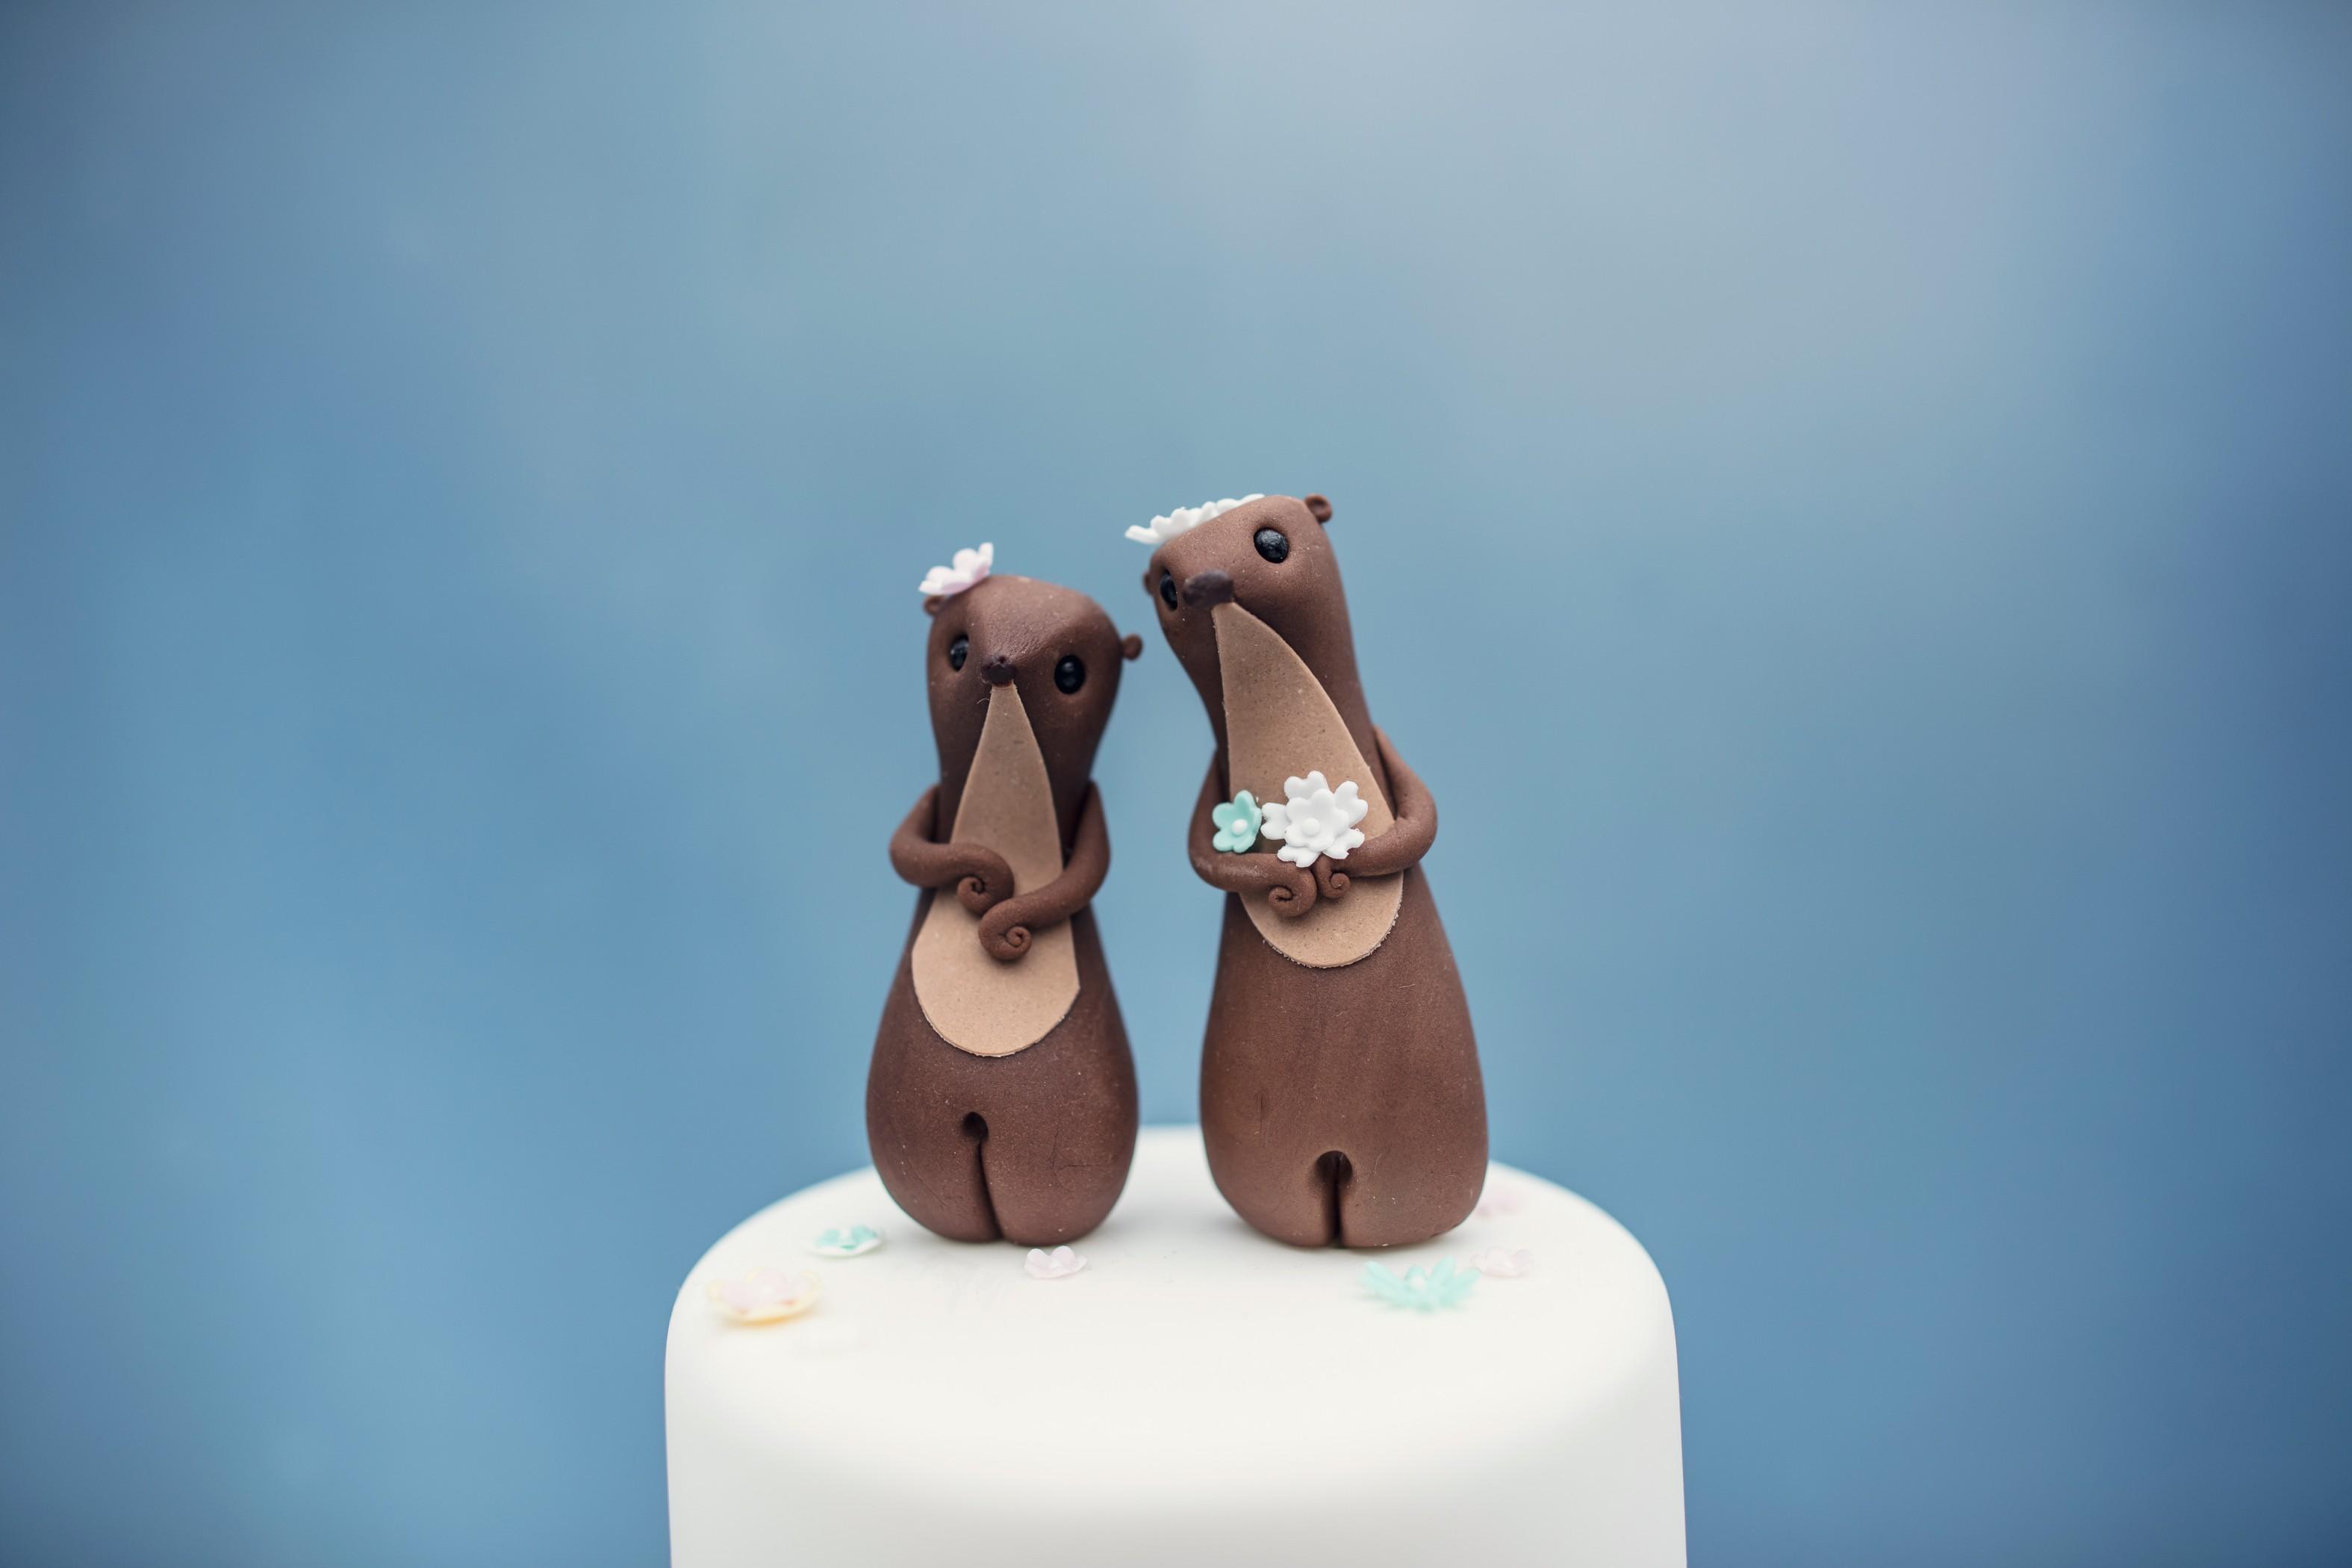 Tiny Sarah's Cakes - vegan wedding cakes - creative wedding cake - unique wedding cakes - alternative wedding cake 1 (2)